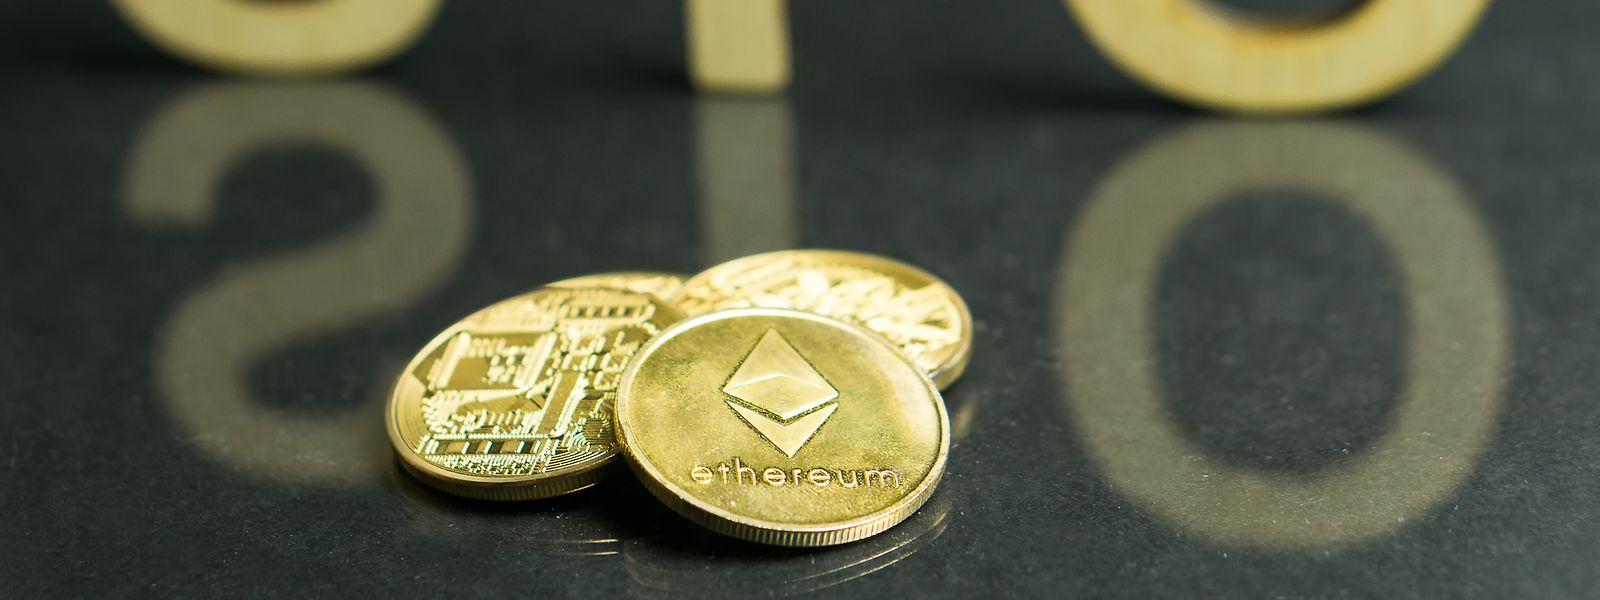 Titres financiers, les tokens (jetons digitaux) sont émis et distribués via la plateforme de Tokeny Solutions.